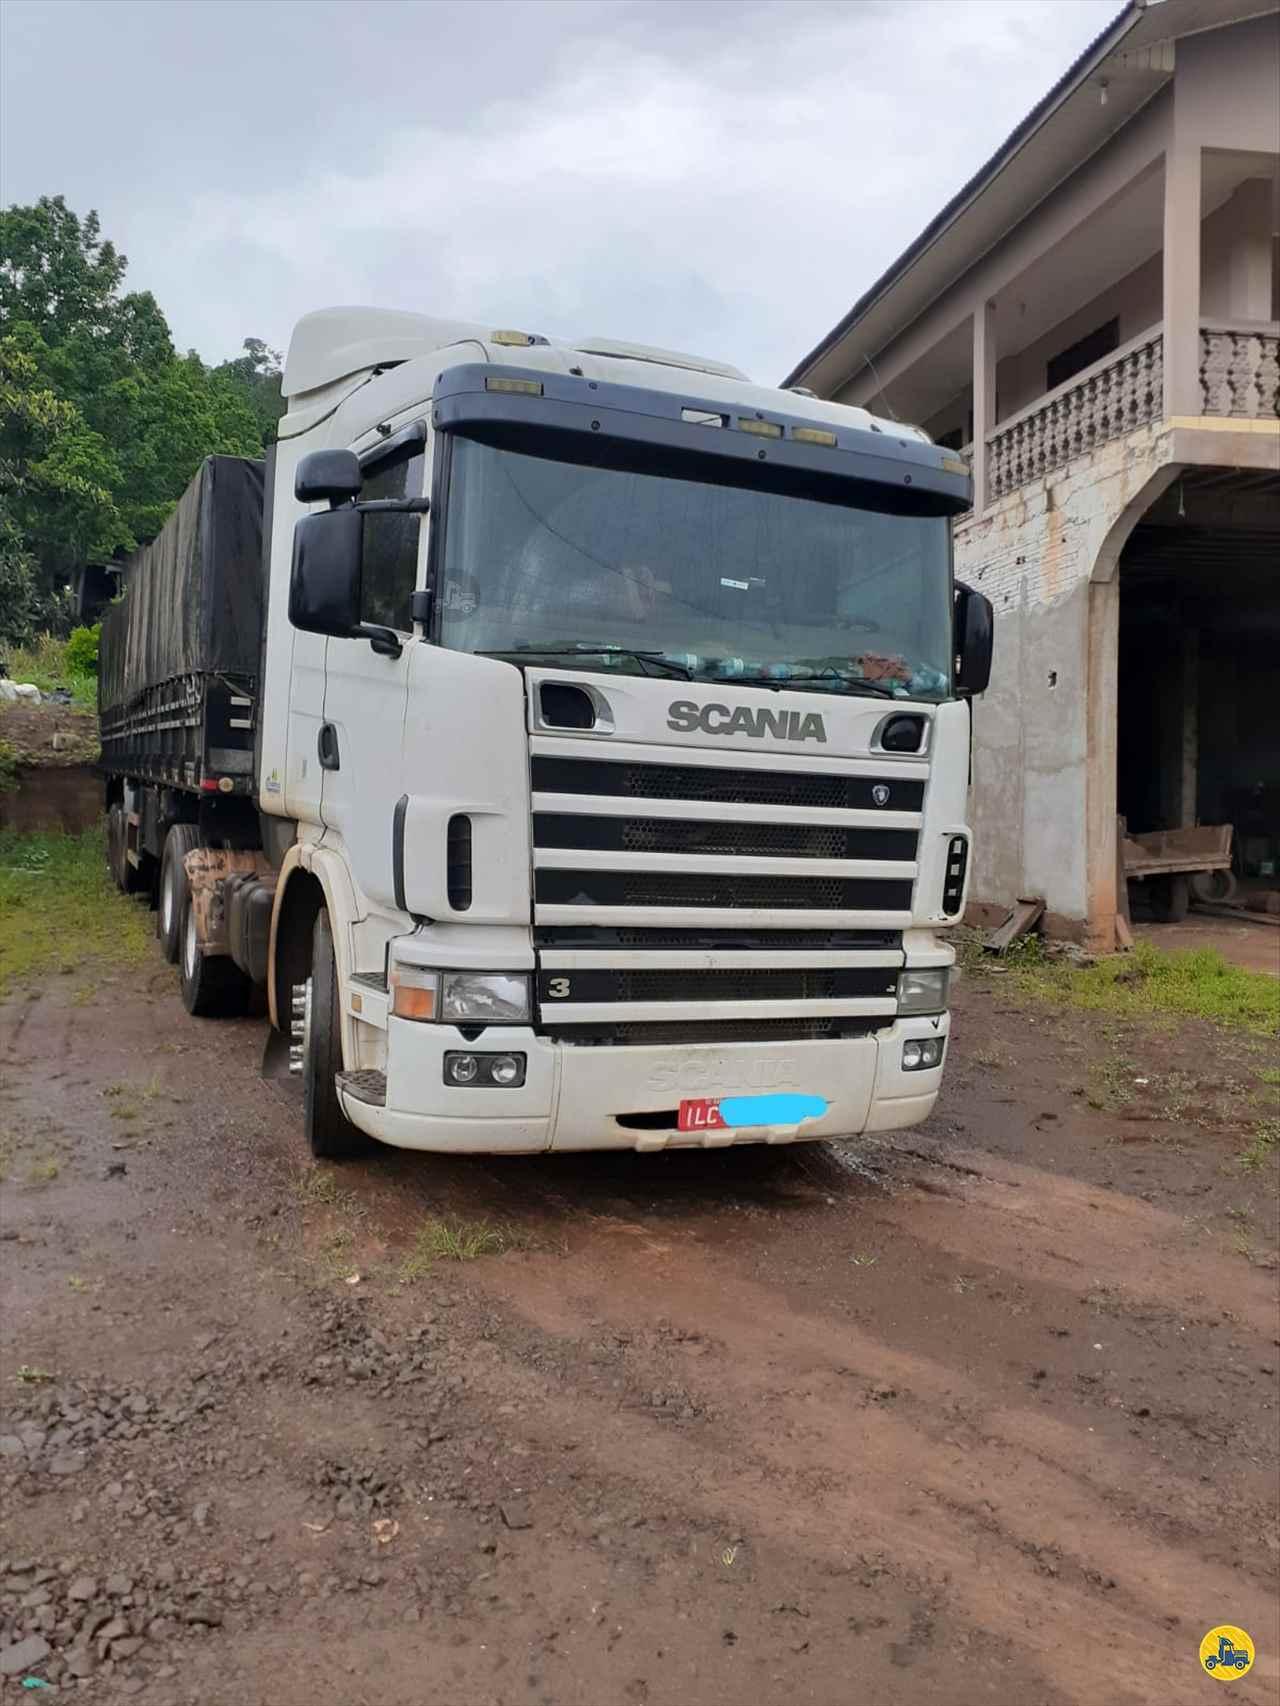 CAMINHAO SCANIA SCANIA 124 360 Graneleiro Truck 6x2 Transmap Caminhões SANTA ROSA RIO GRANDE DO SUL RS